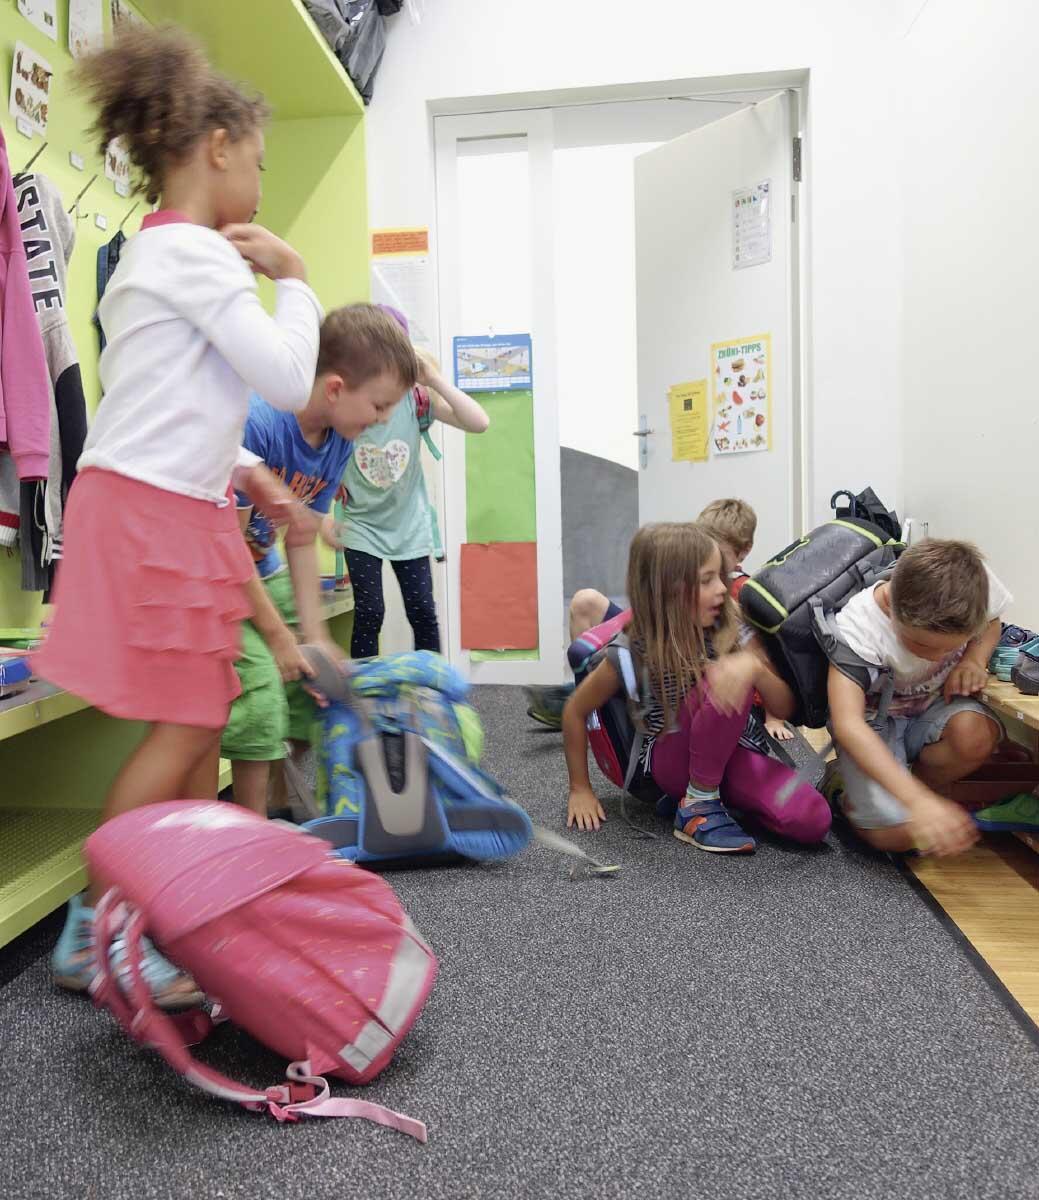 Ein wichtiger sozialer Vorgang für jedes Kind ist es, mit der Klasse zusammenzukommen und produktiv zu werden. Lernende brauchen aber auch Bereiche für ruhiges, individuelles Arbeiten und Rückzugsmöglichkeiten. Bild: Felix Ackerknecht